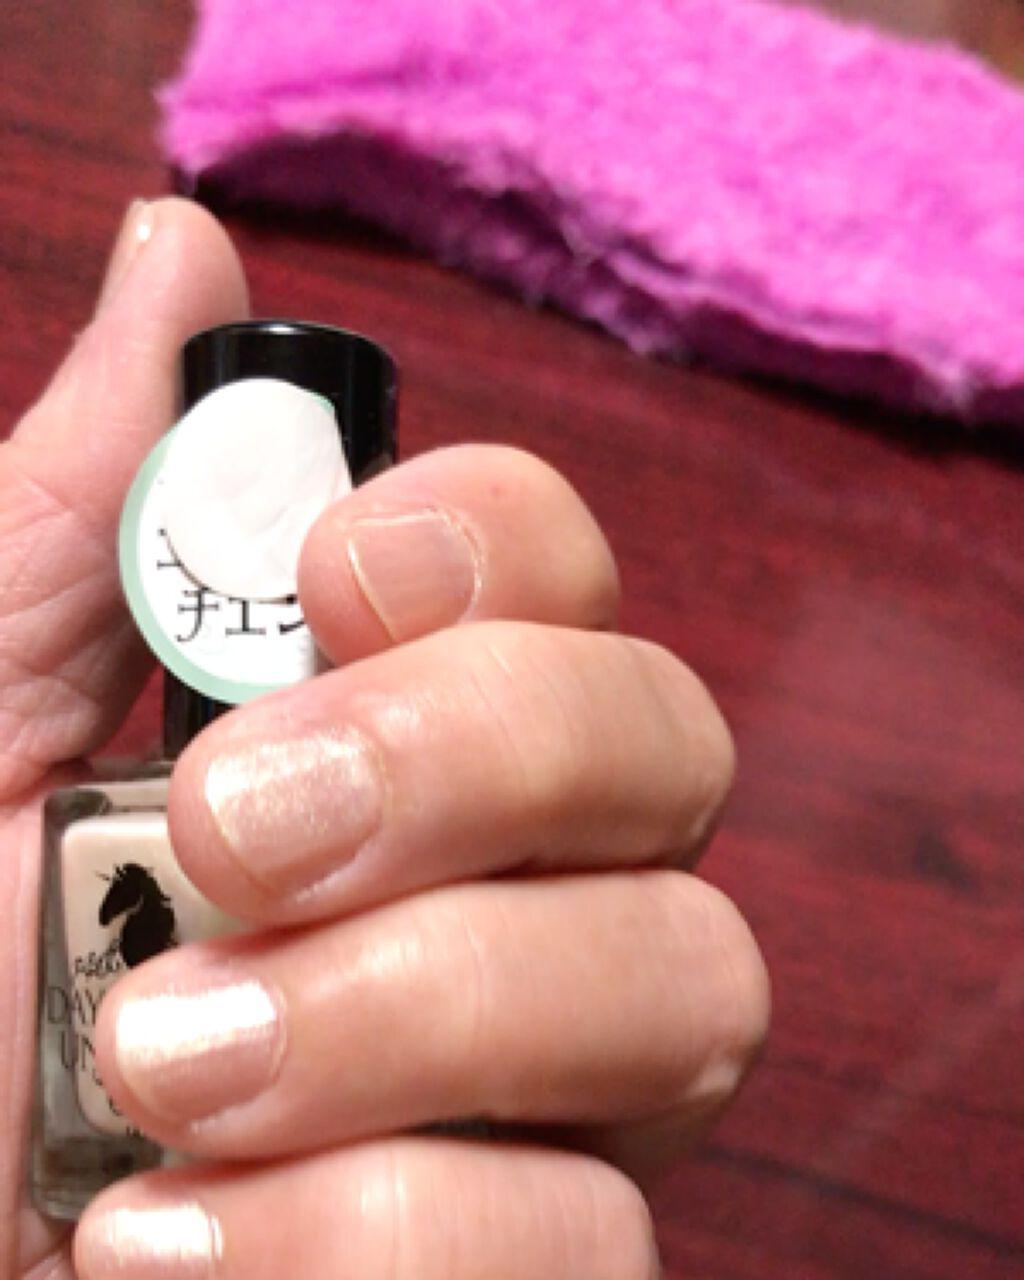 【動画付きクチコミ】TSネイルポリッシュヌーディベージュを1回塗りキャンドゥのユニカラーネイルを上から塗りました🌟😃だいぶイメージ変わりますよね🤡💙💜❤️👍